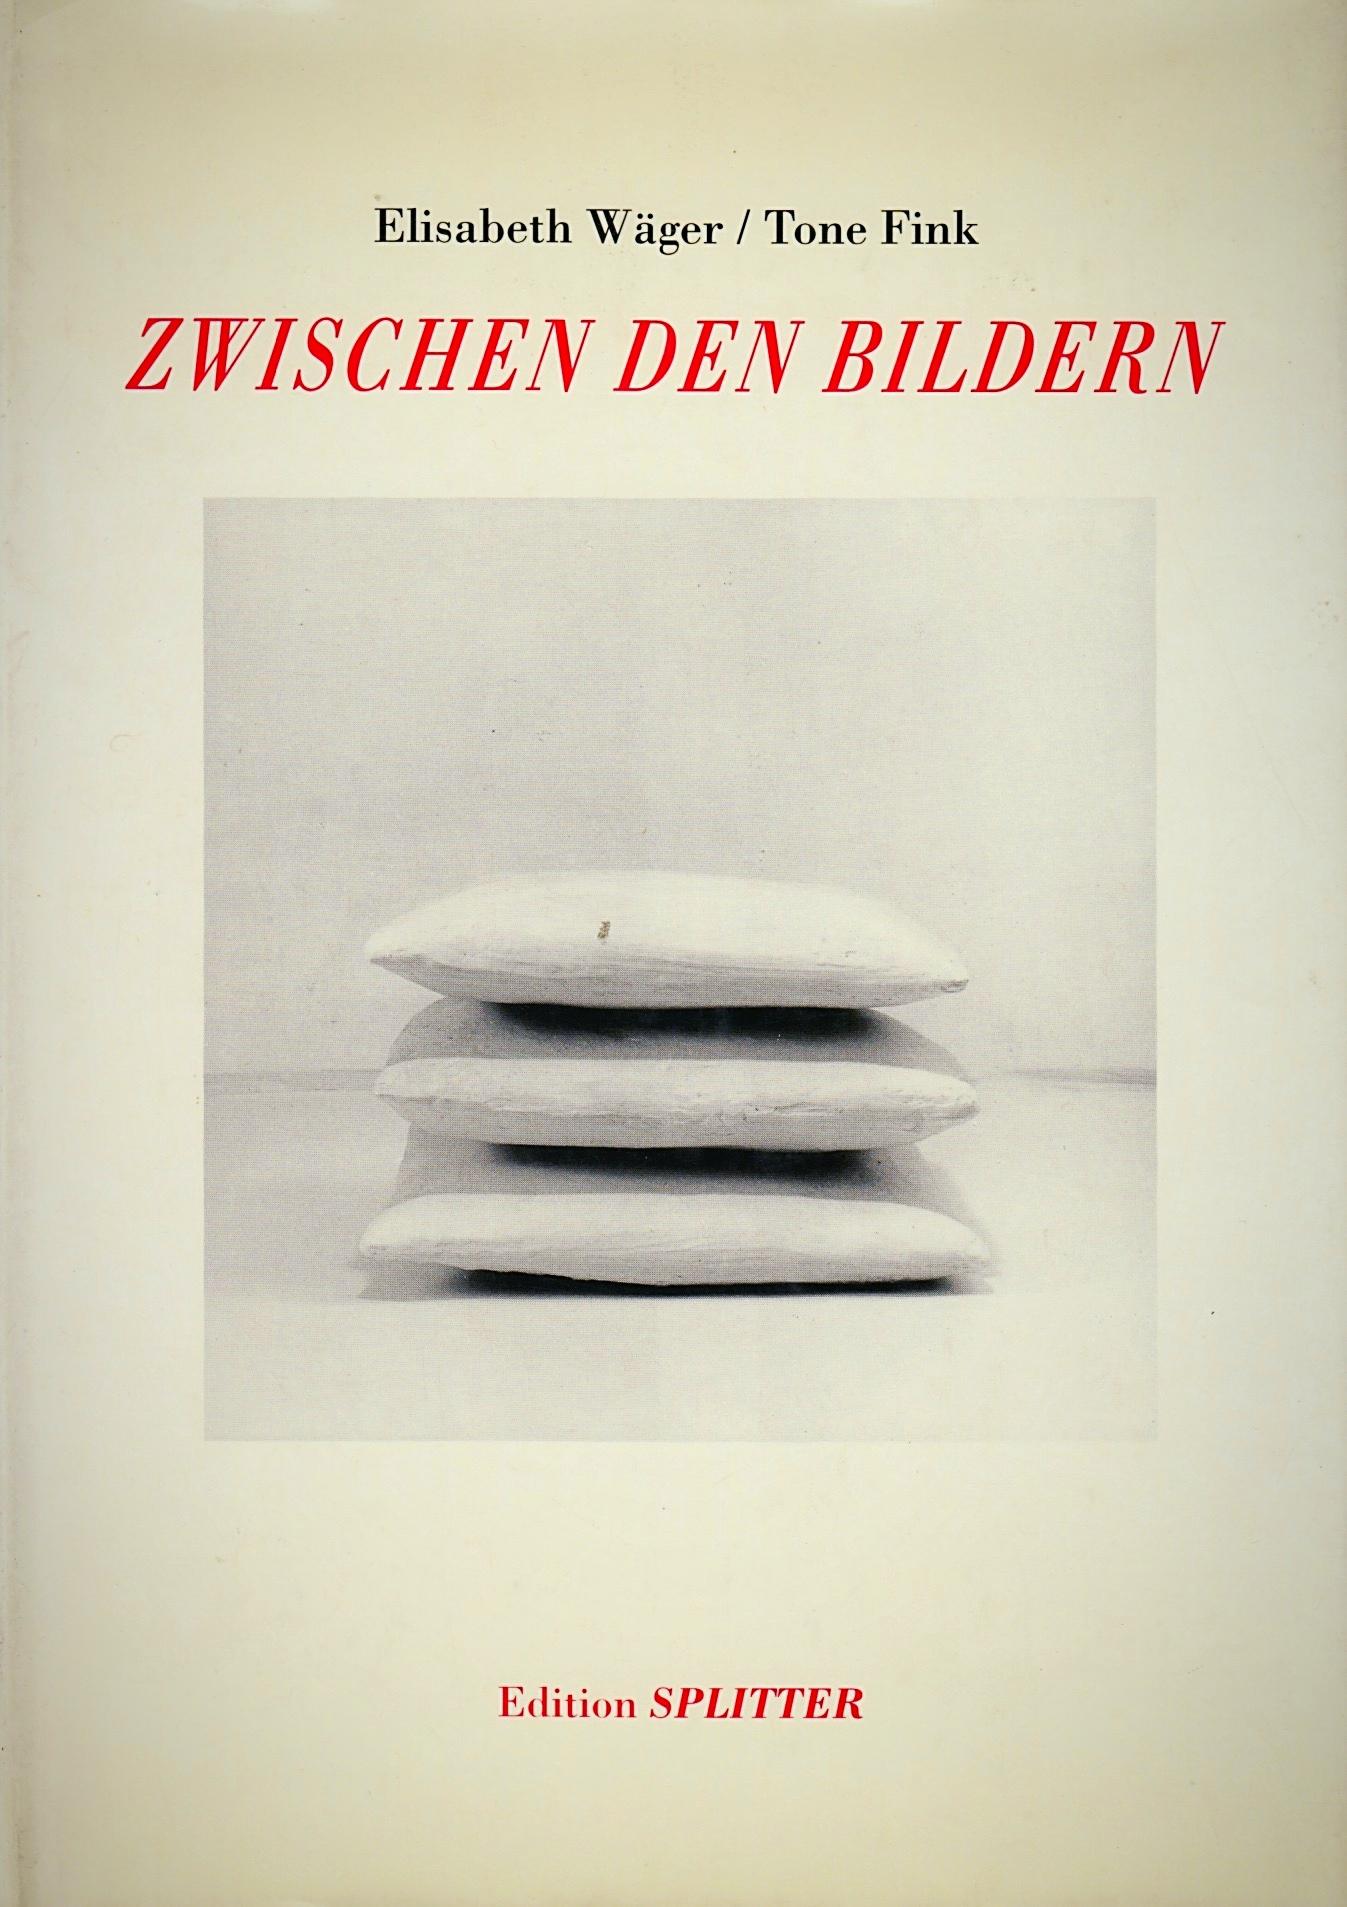 Zwischen den Bildern Elisabeth Wäger | Tone Fink [Objekte]